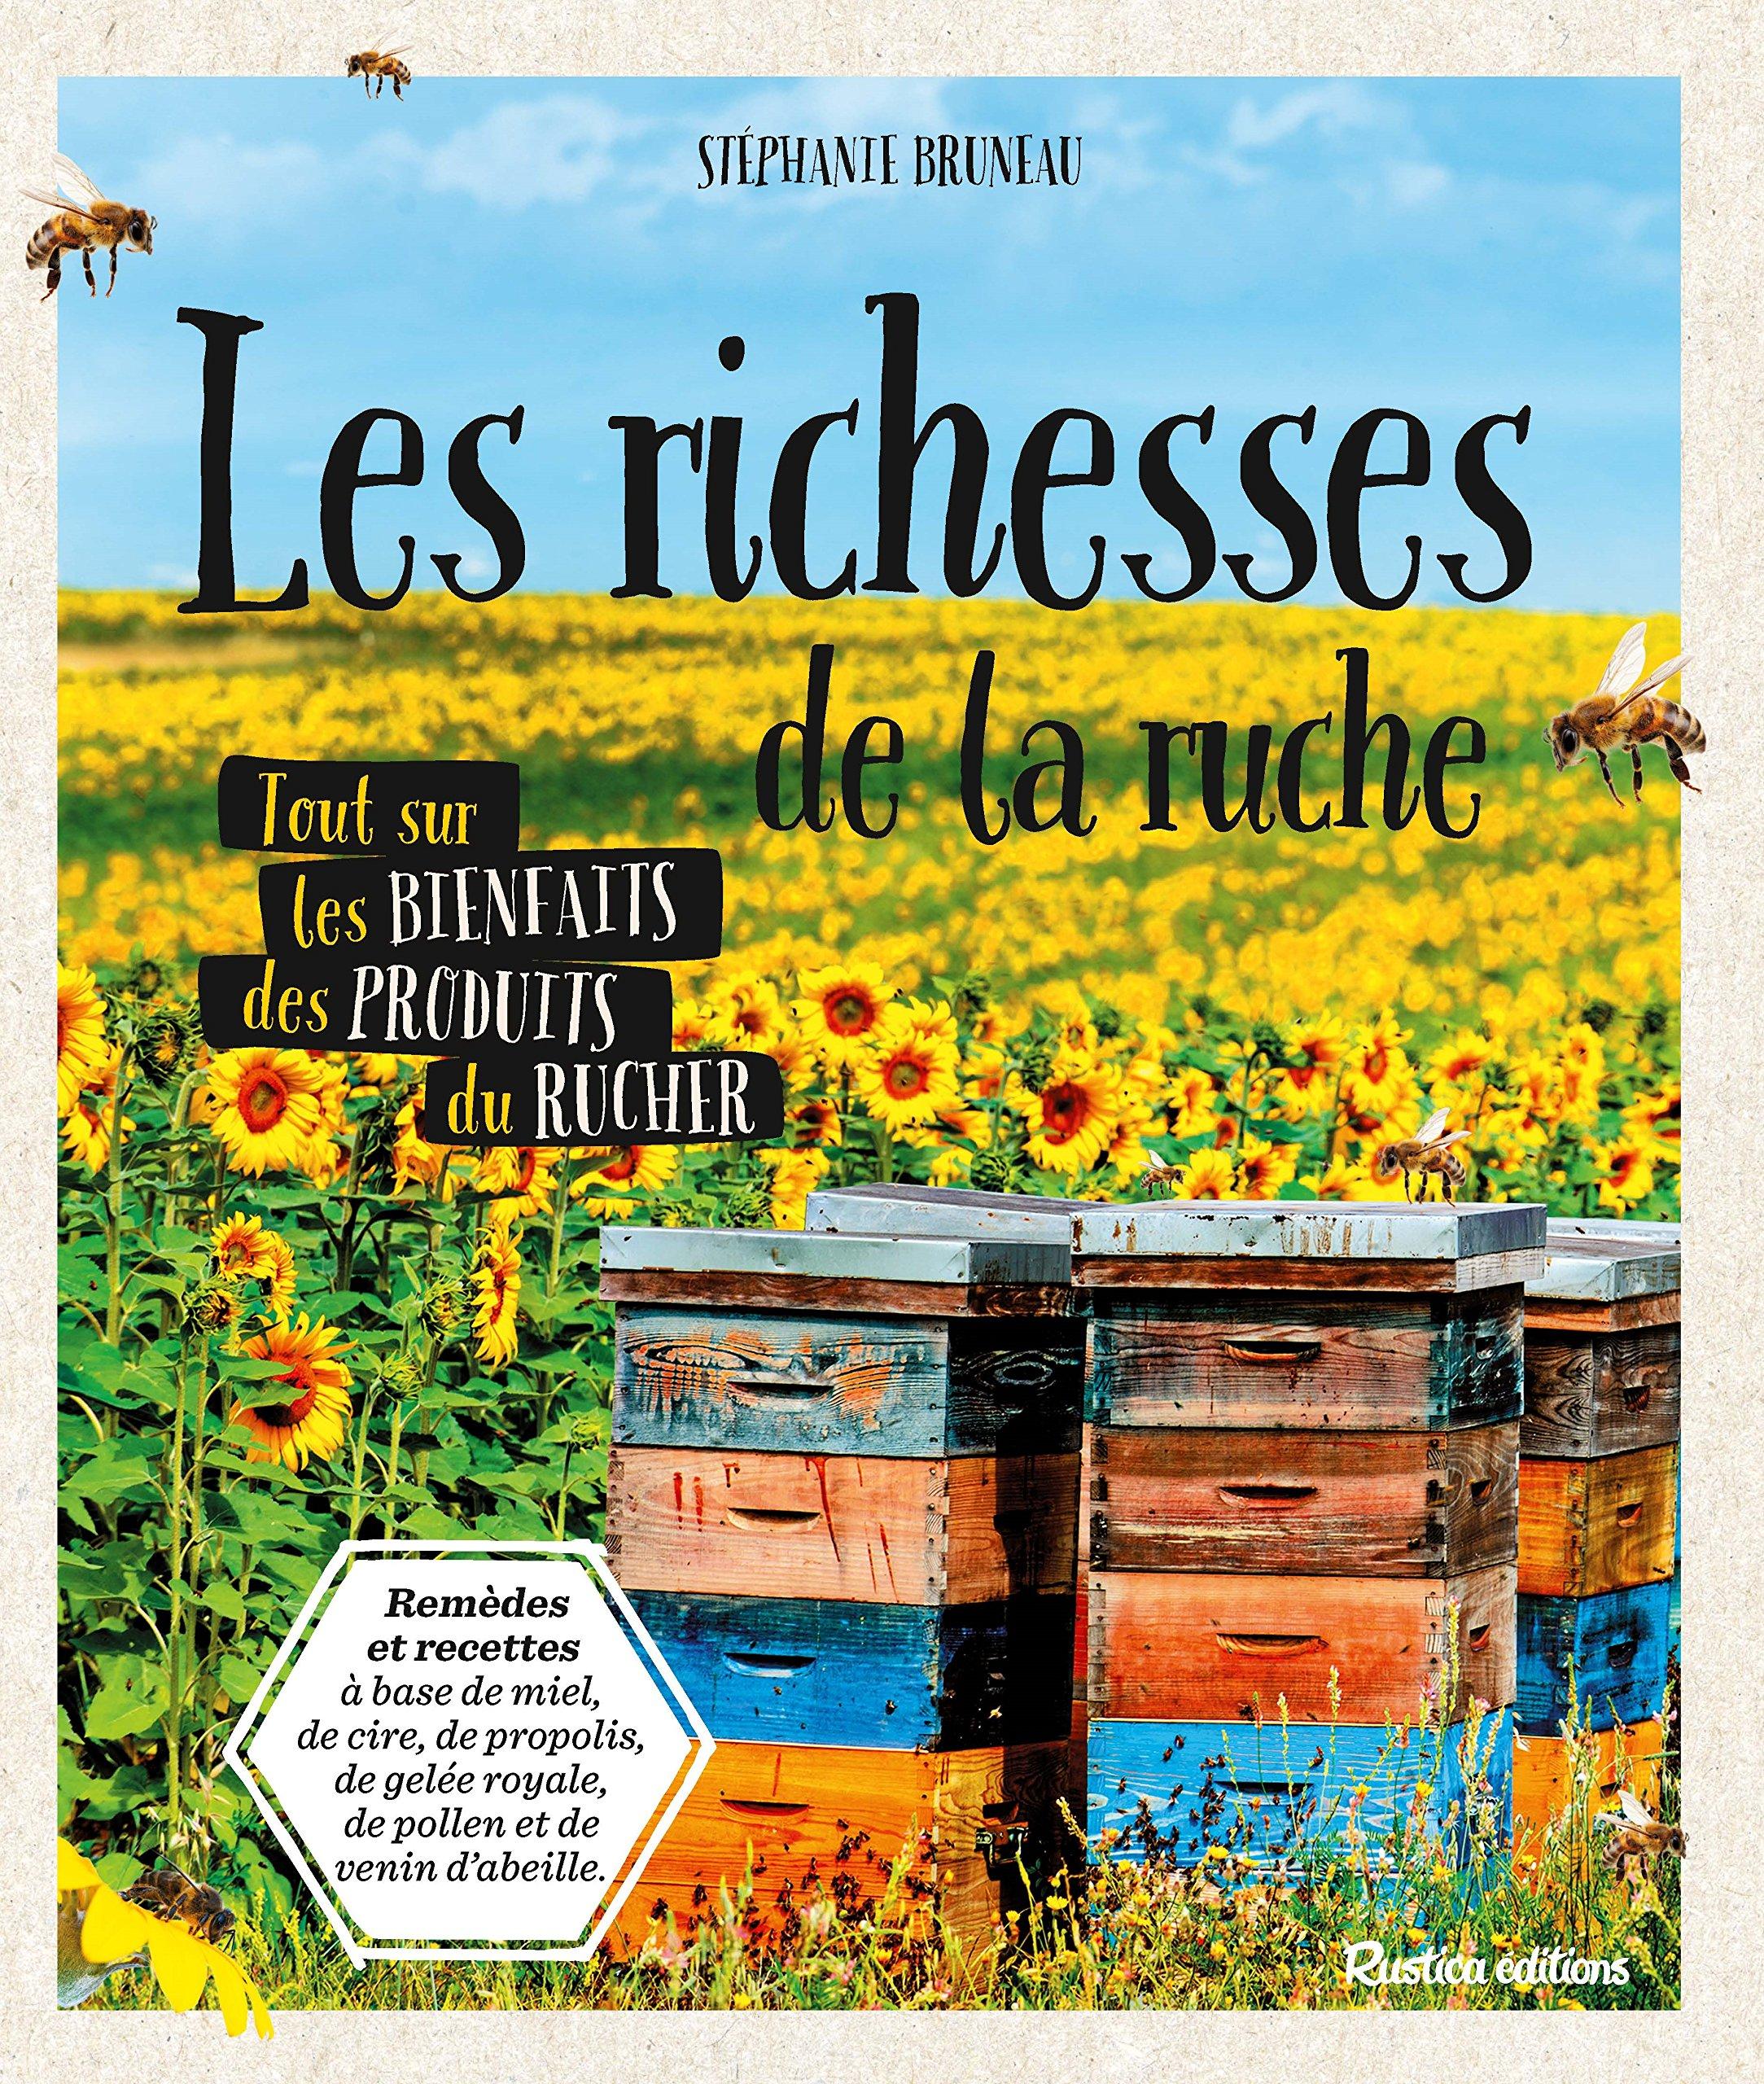 Les richesses de la ruche : Tout savoir sur les bienfaits des produits du rucher Relié – 16 mars 2018 Stéphanie Bruneau Delphine Billaut Rustica éditions 2815311186